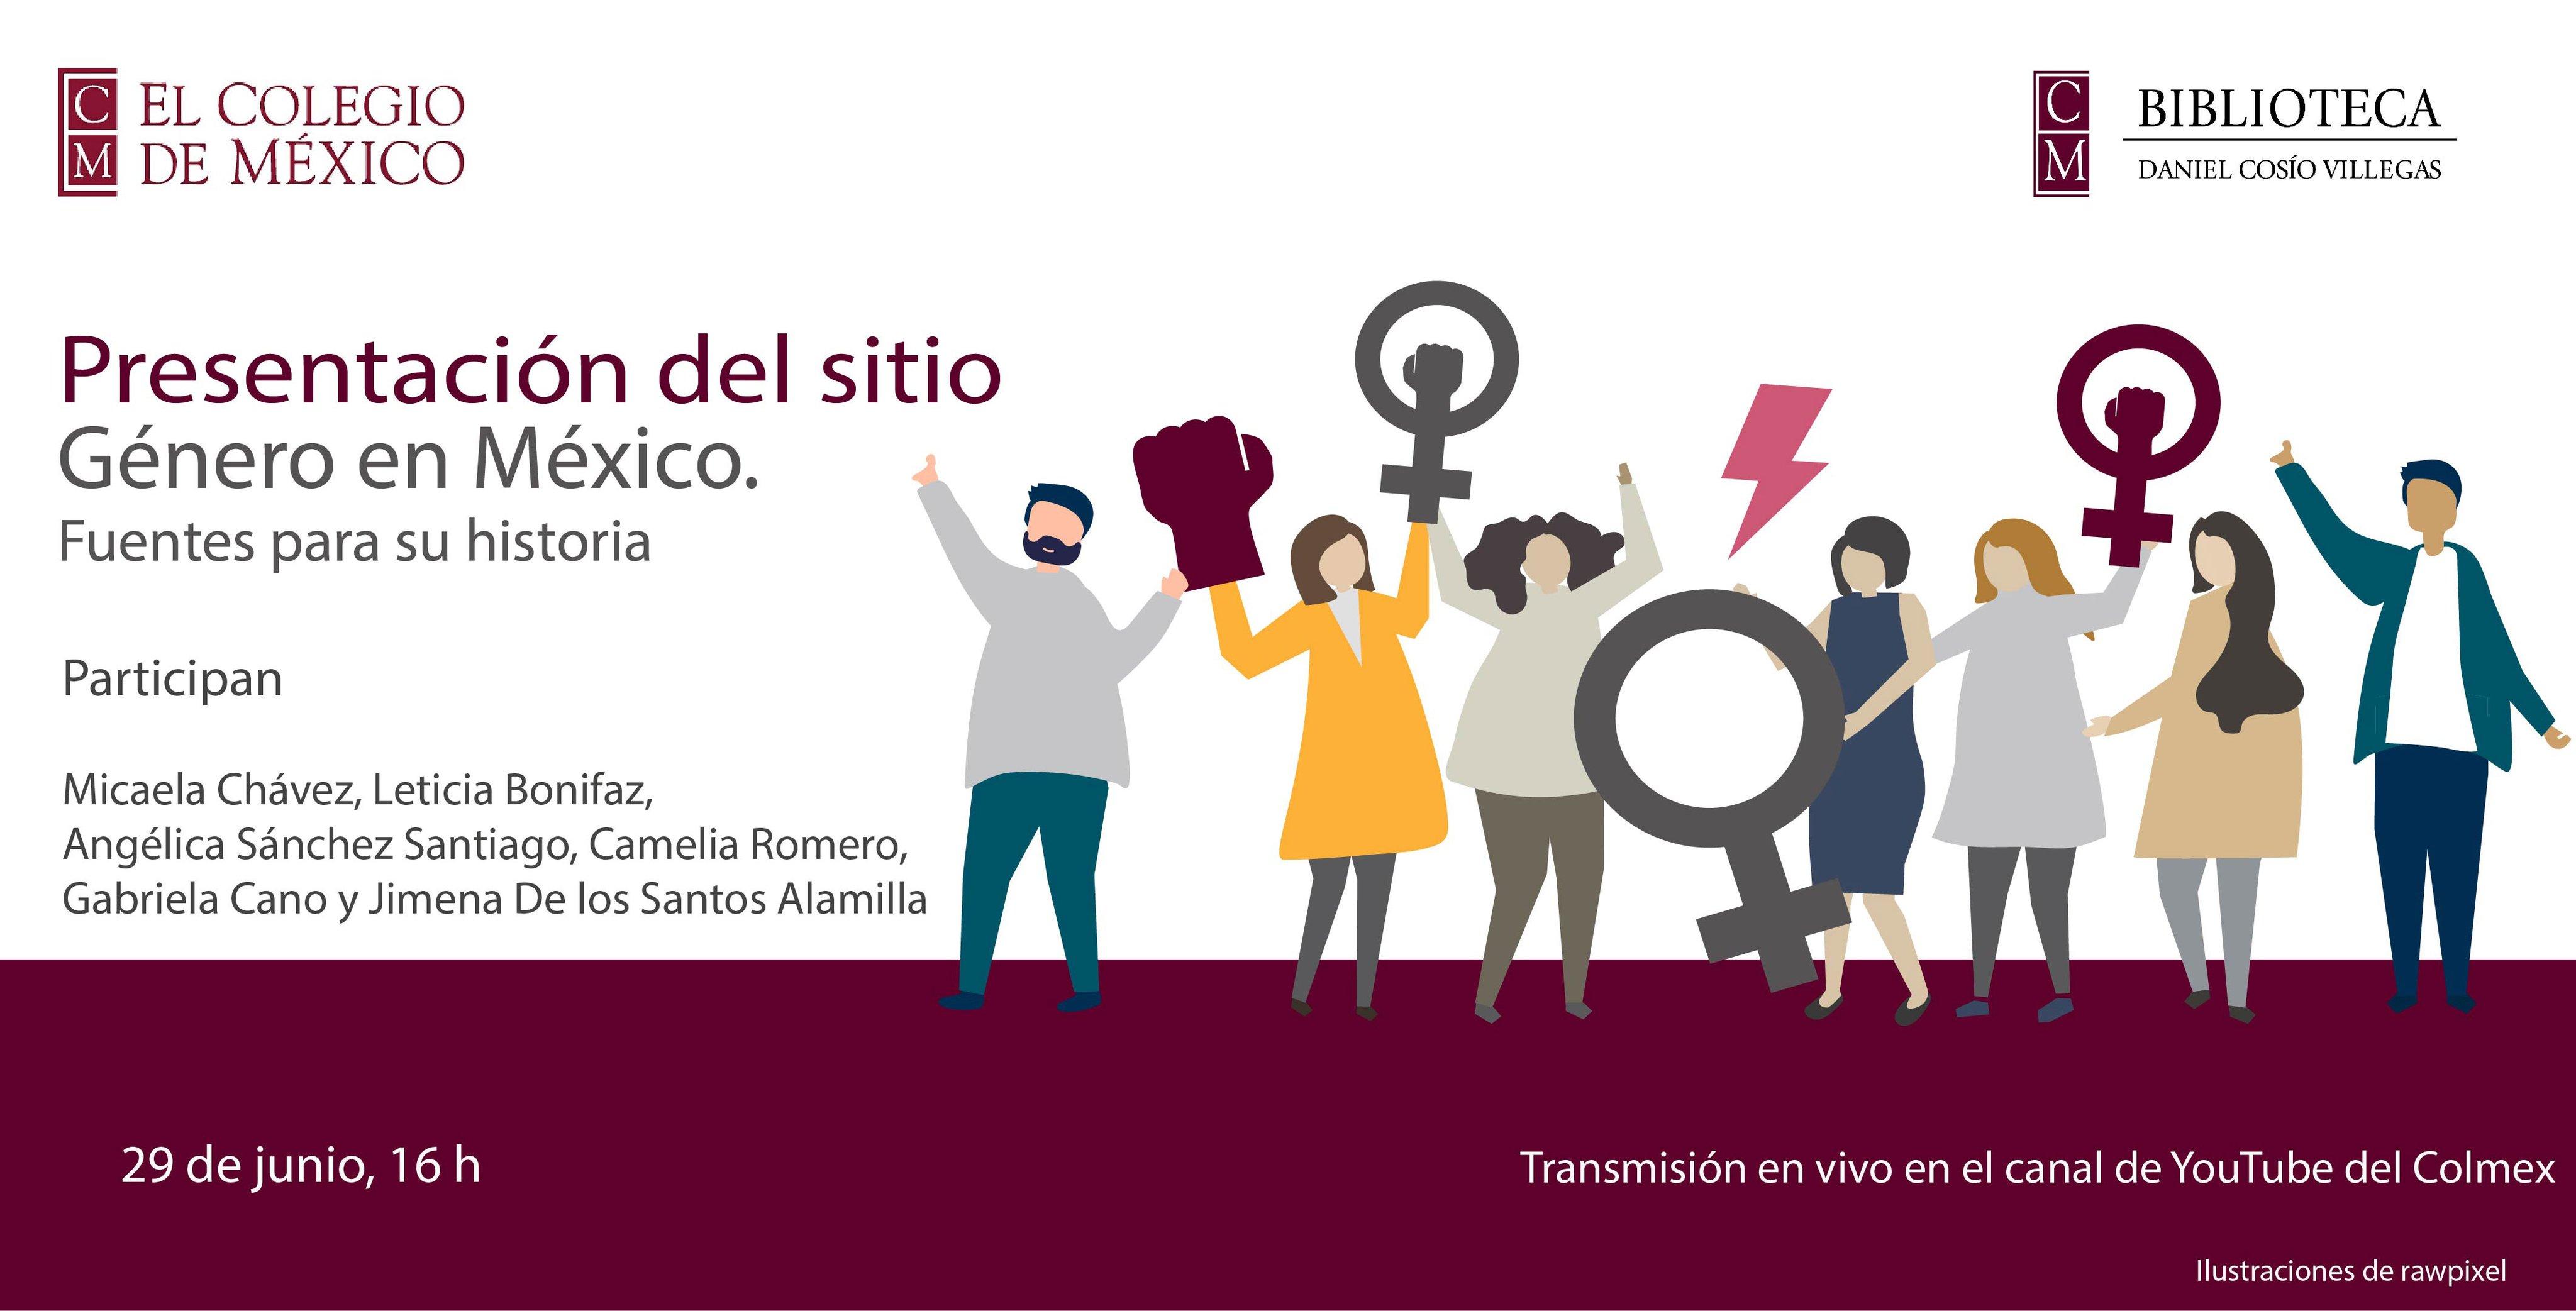 """Presentación del sitio """"Género en México: fuentes para su historia"""", 29 junio de 2020."""